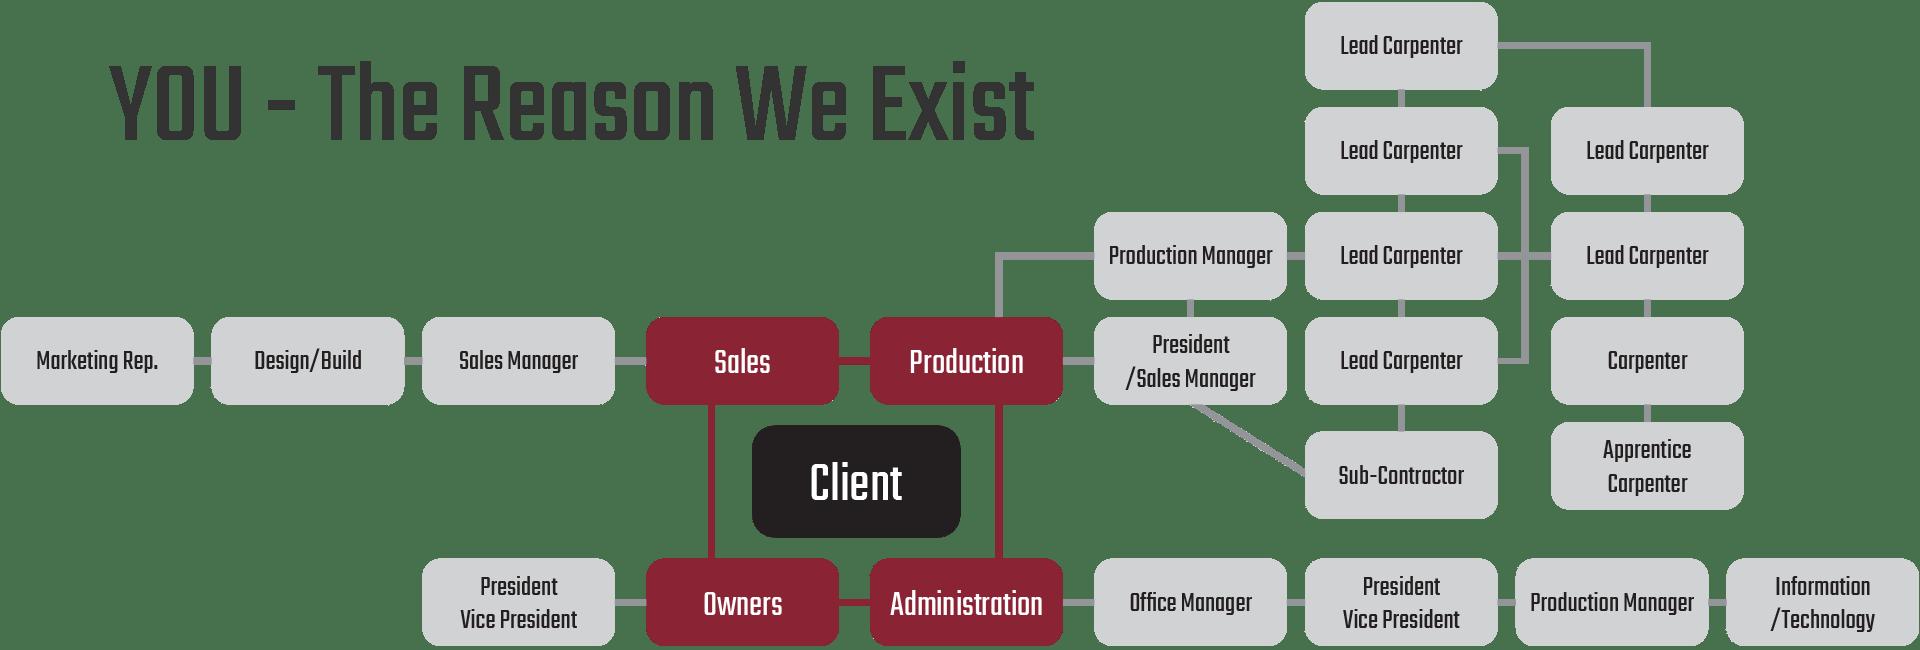 The restoration team diagram